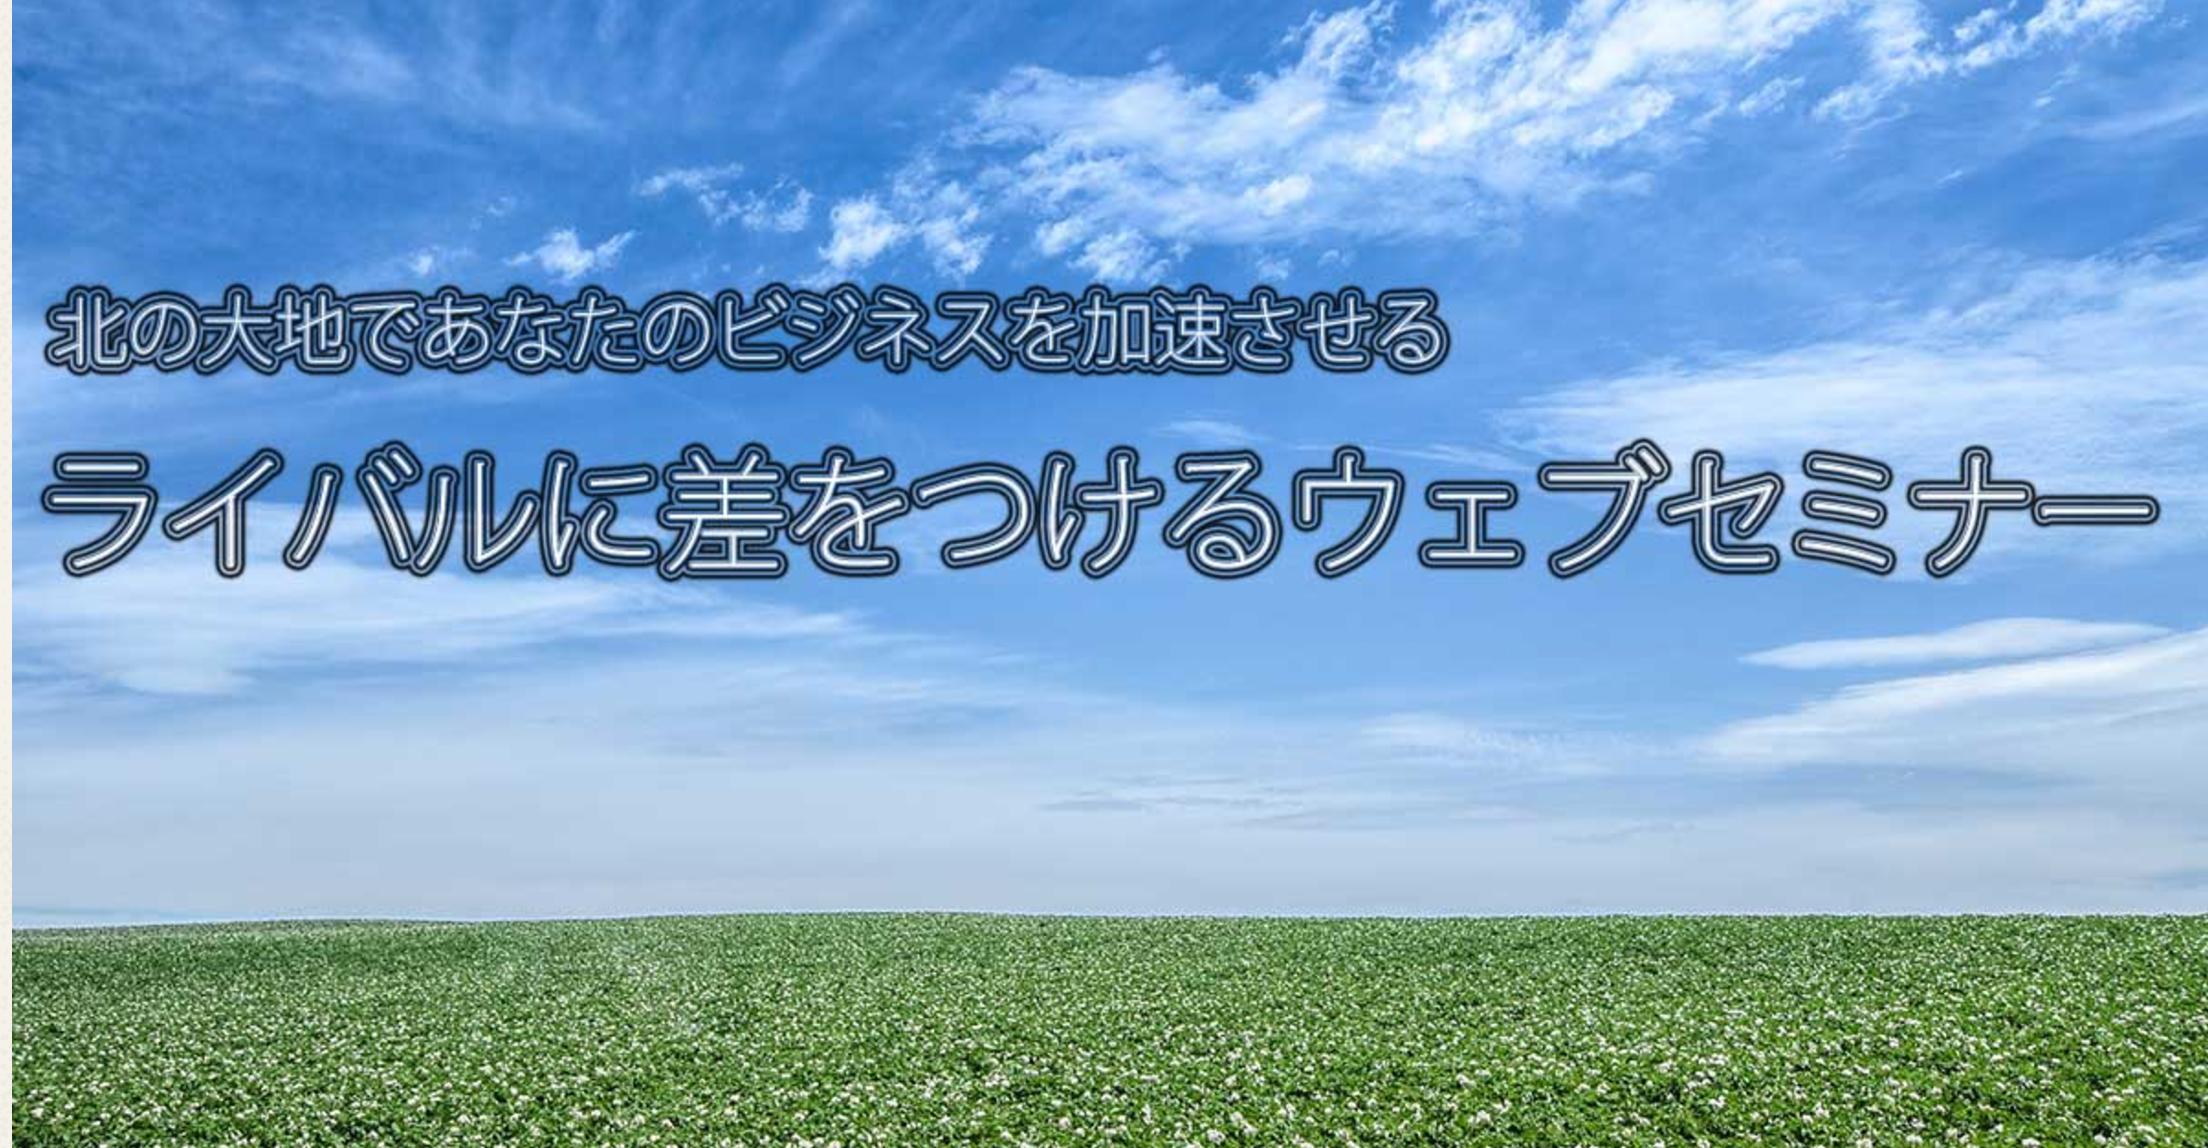 スクリーンショット 2017-04-21 23.41.24